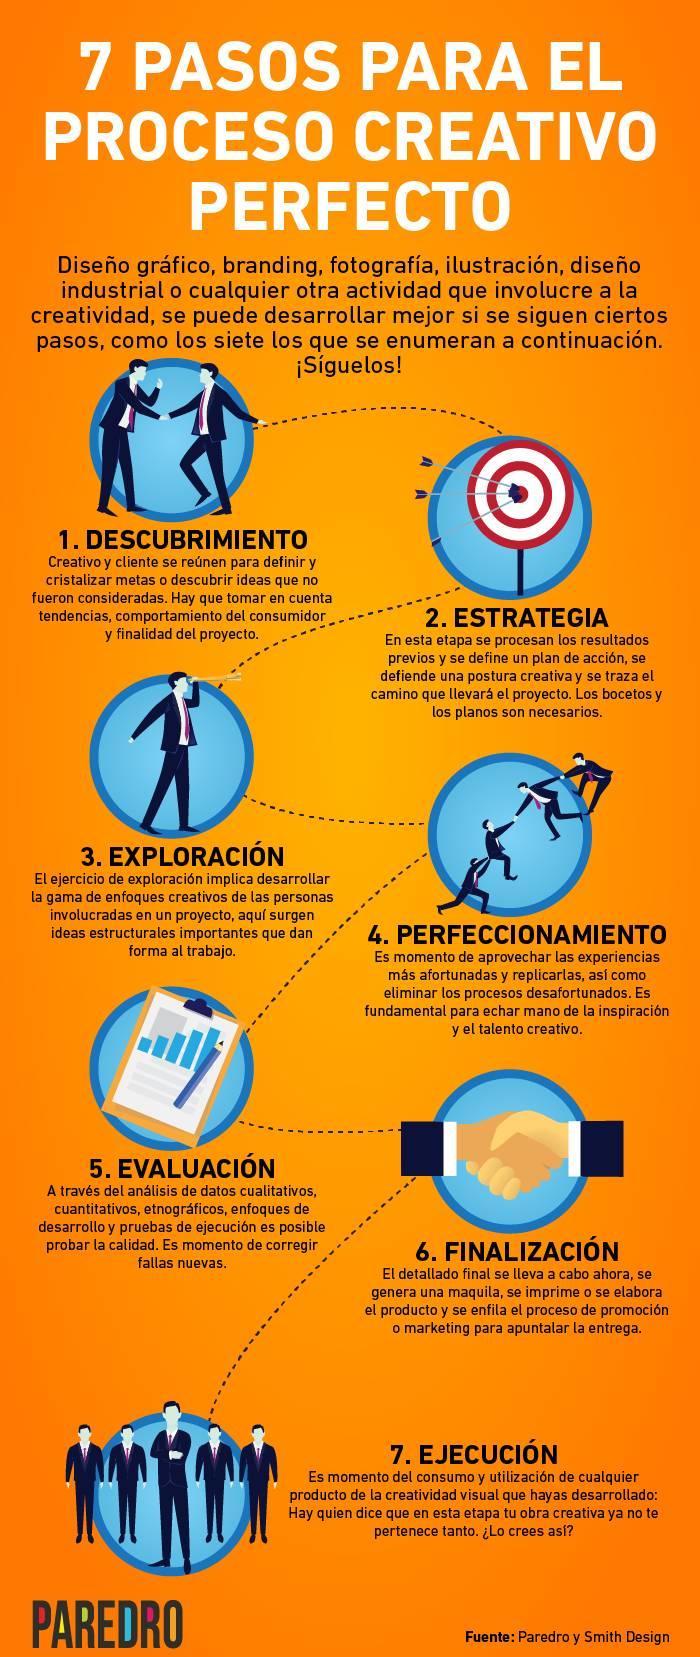 7 pasos para el proceso creativo perfecto